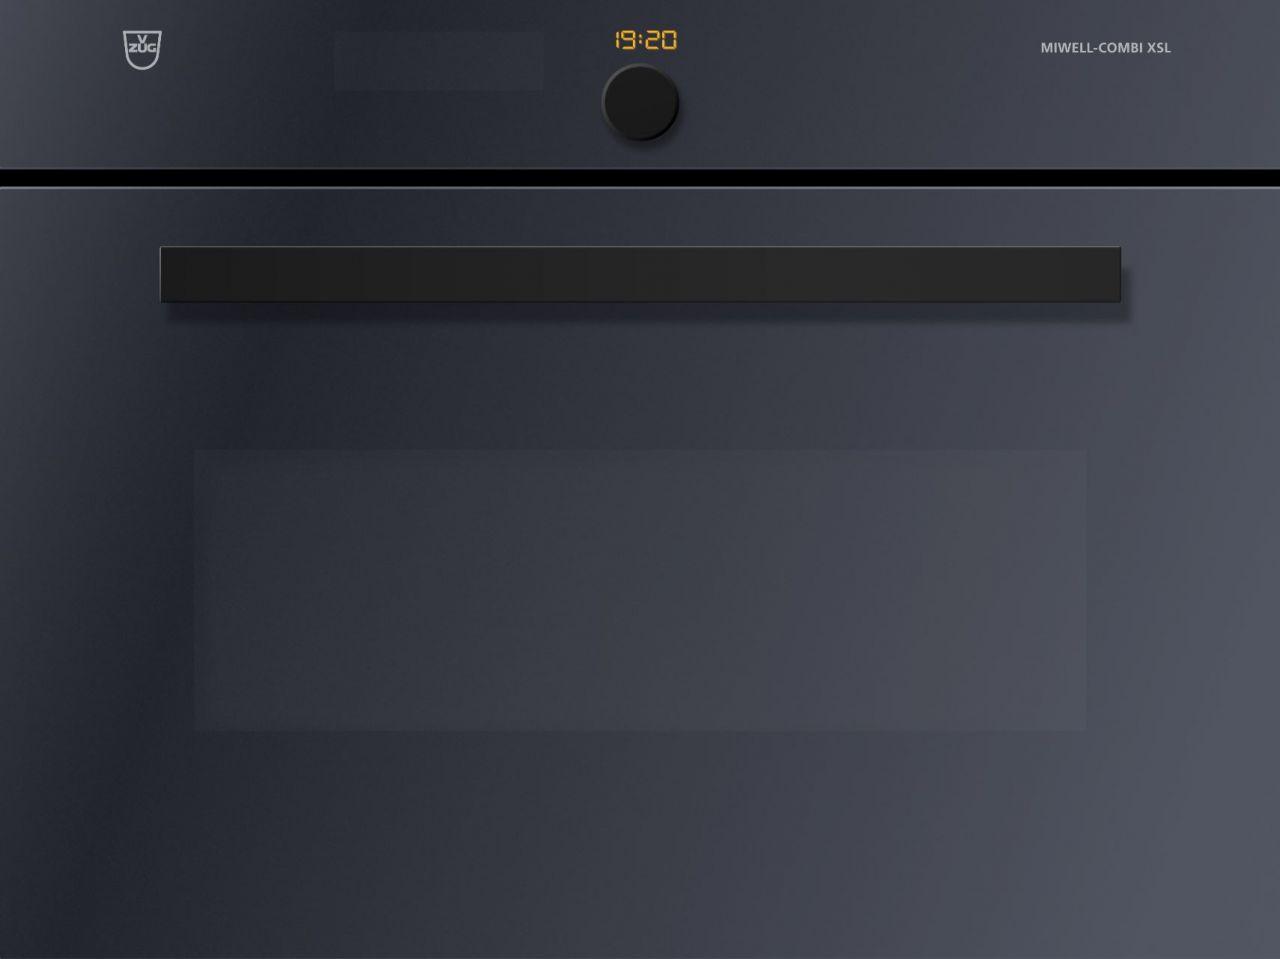 einbau mikrowelle 60 cm sonstige machen sie den preisvergleich bei nextag. Black Bedroom Furniture Sets. Home Design Ideas